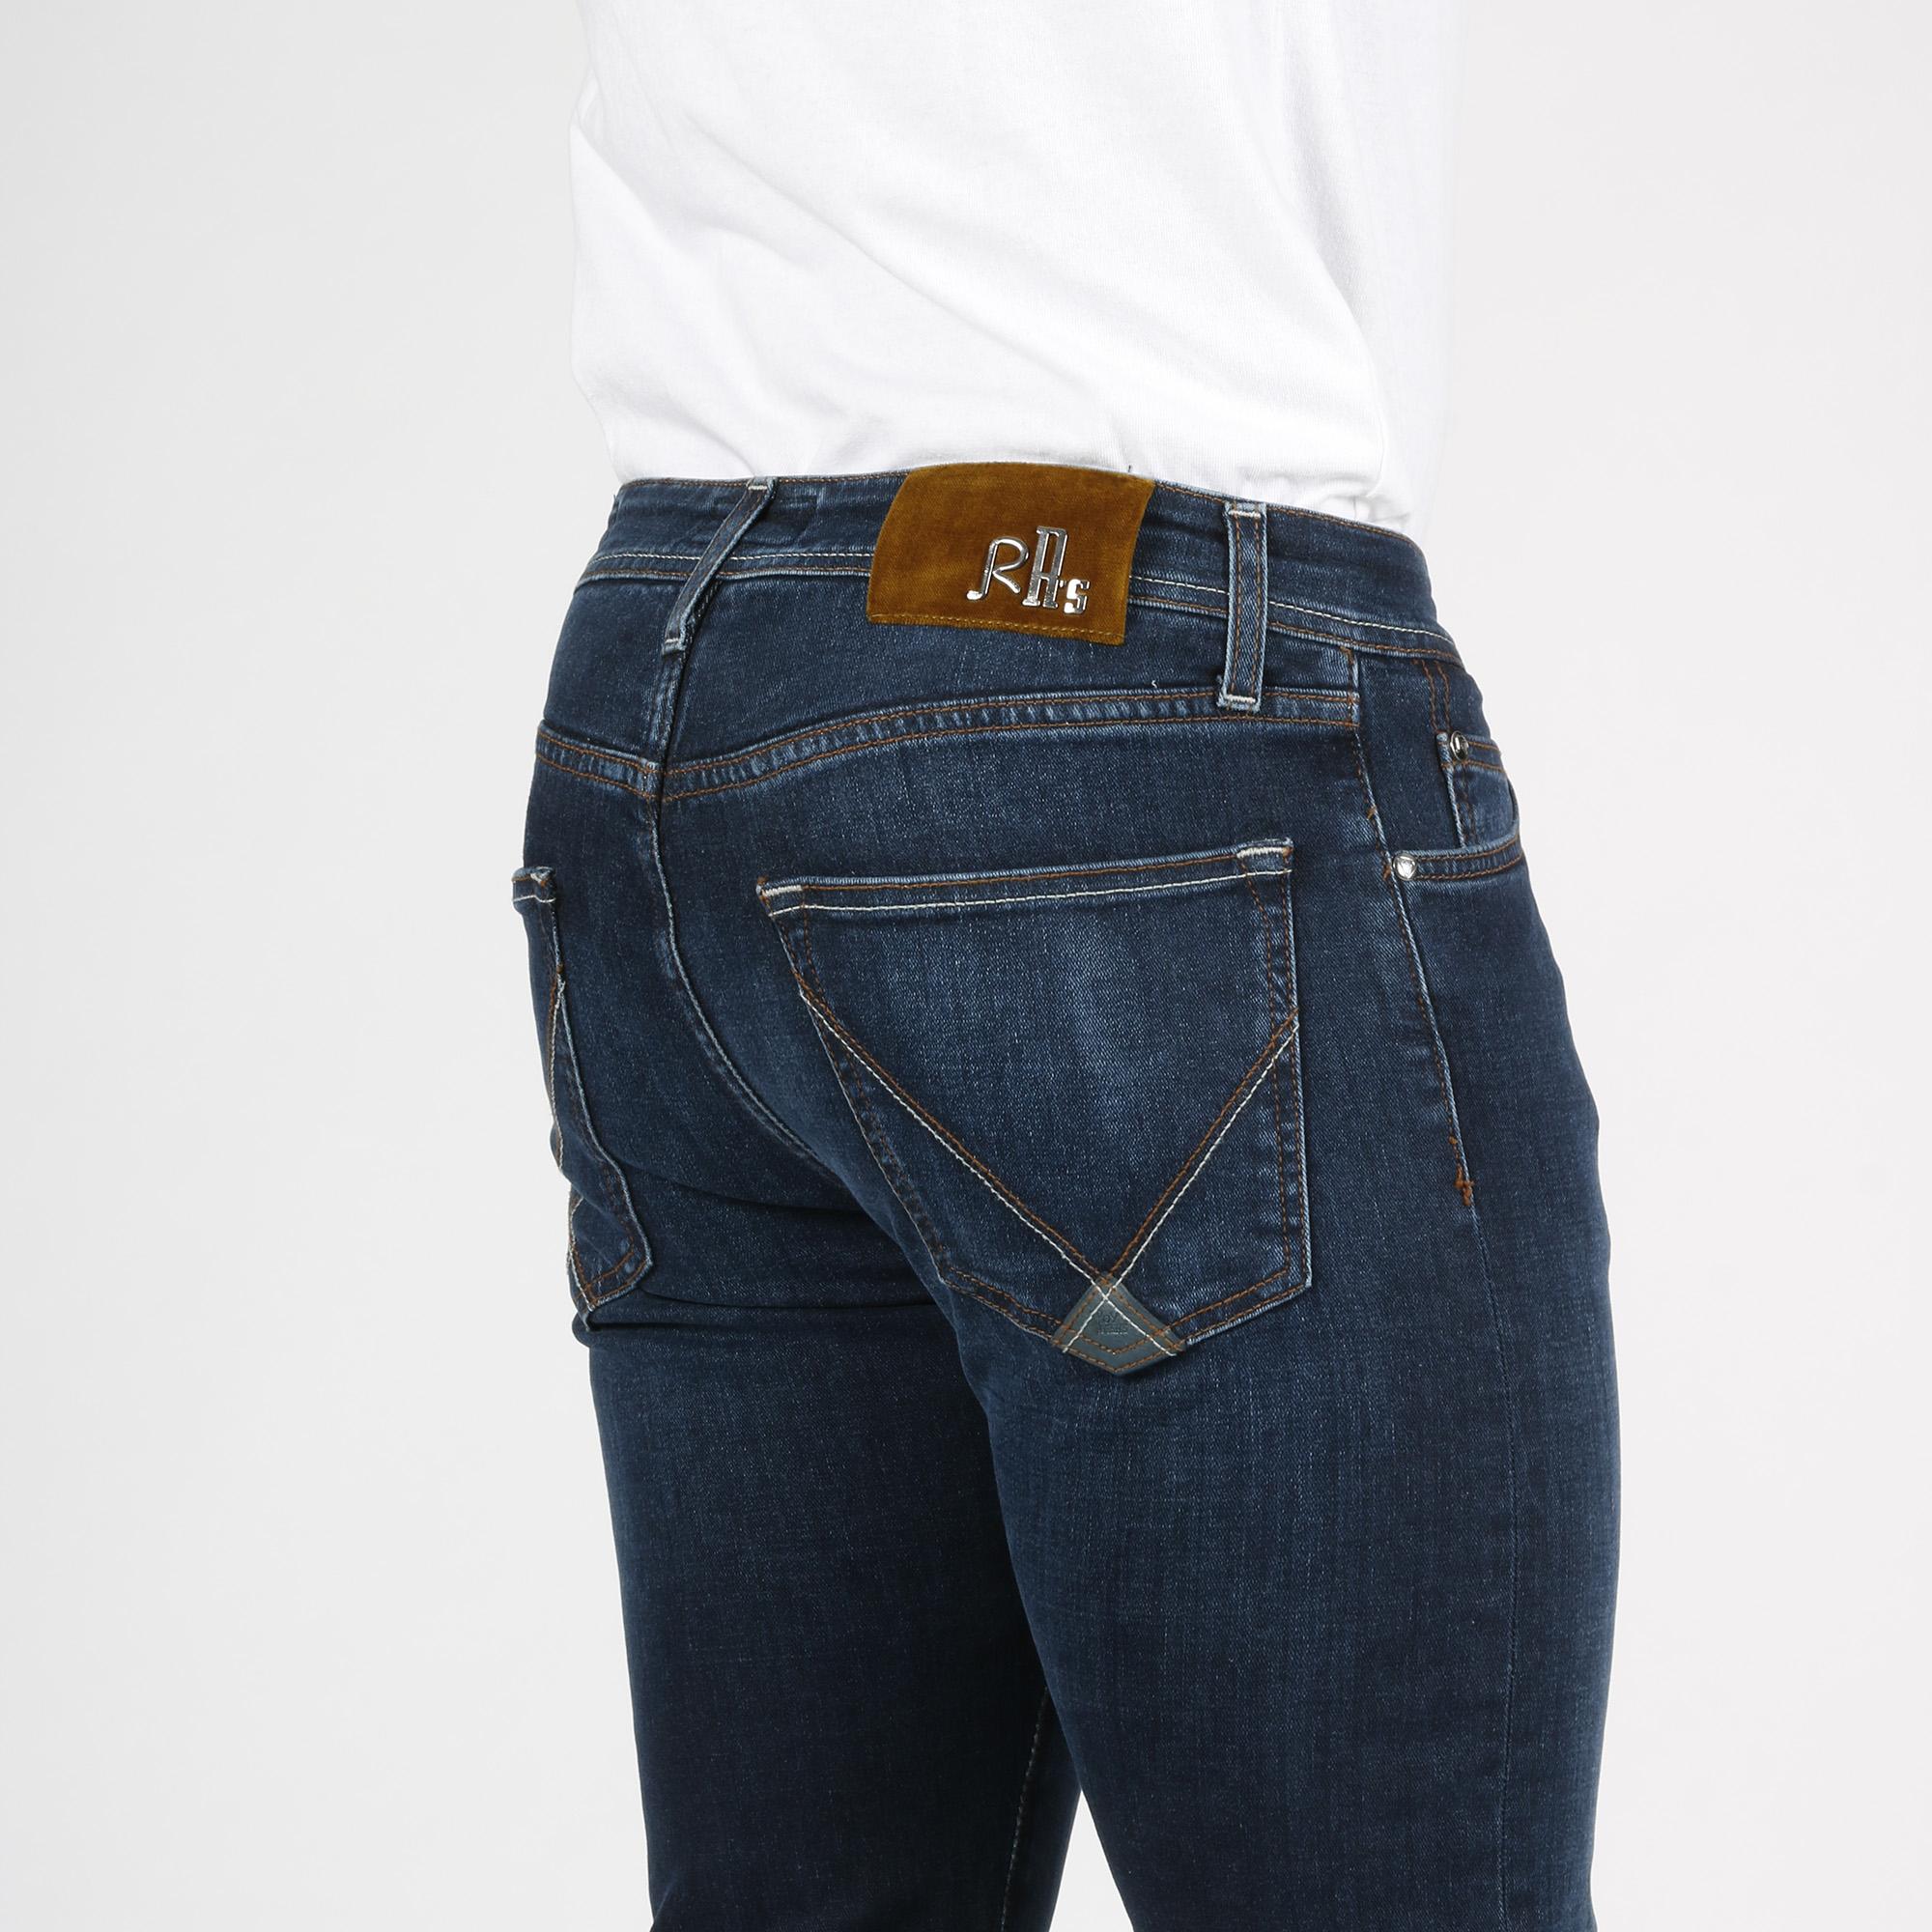 Jeans 529 isaac - Denim